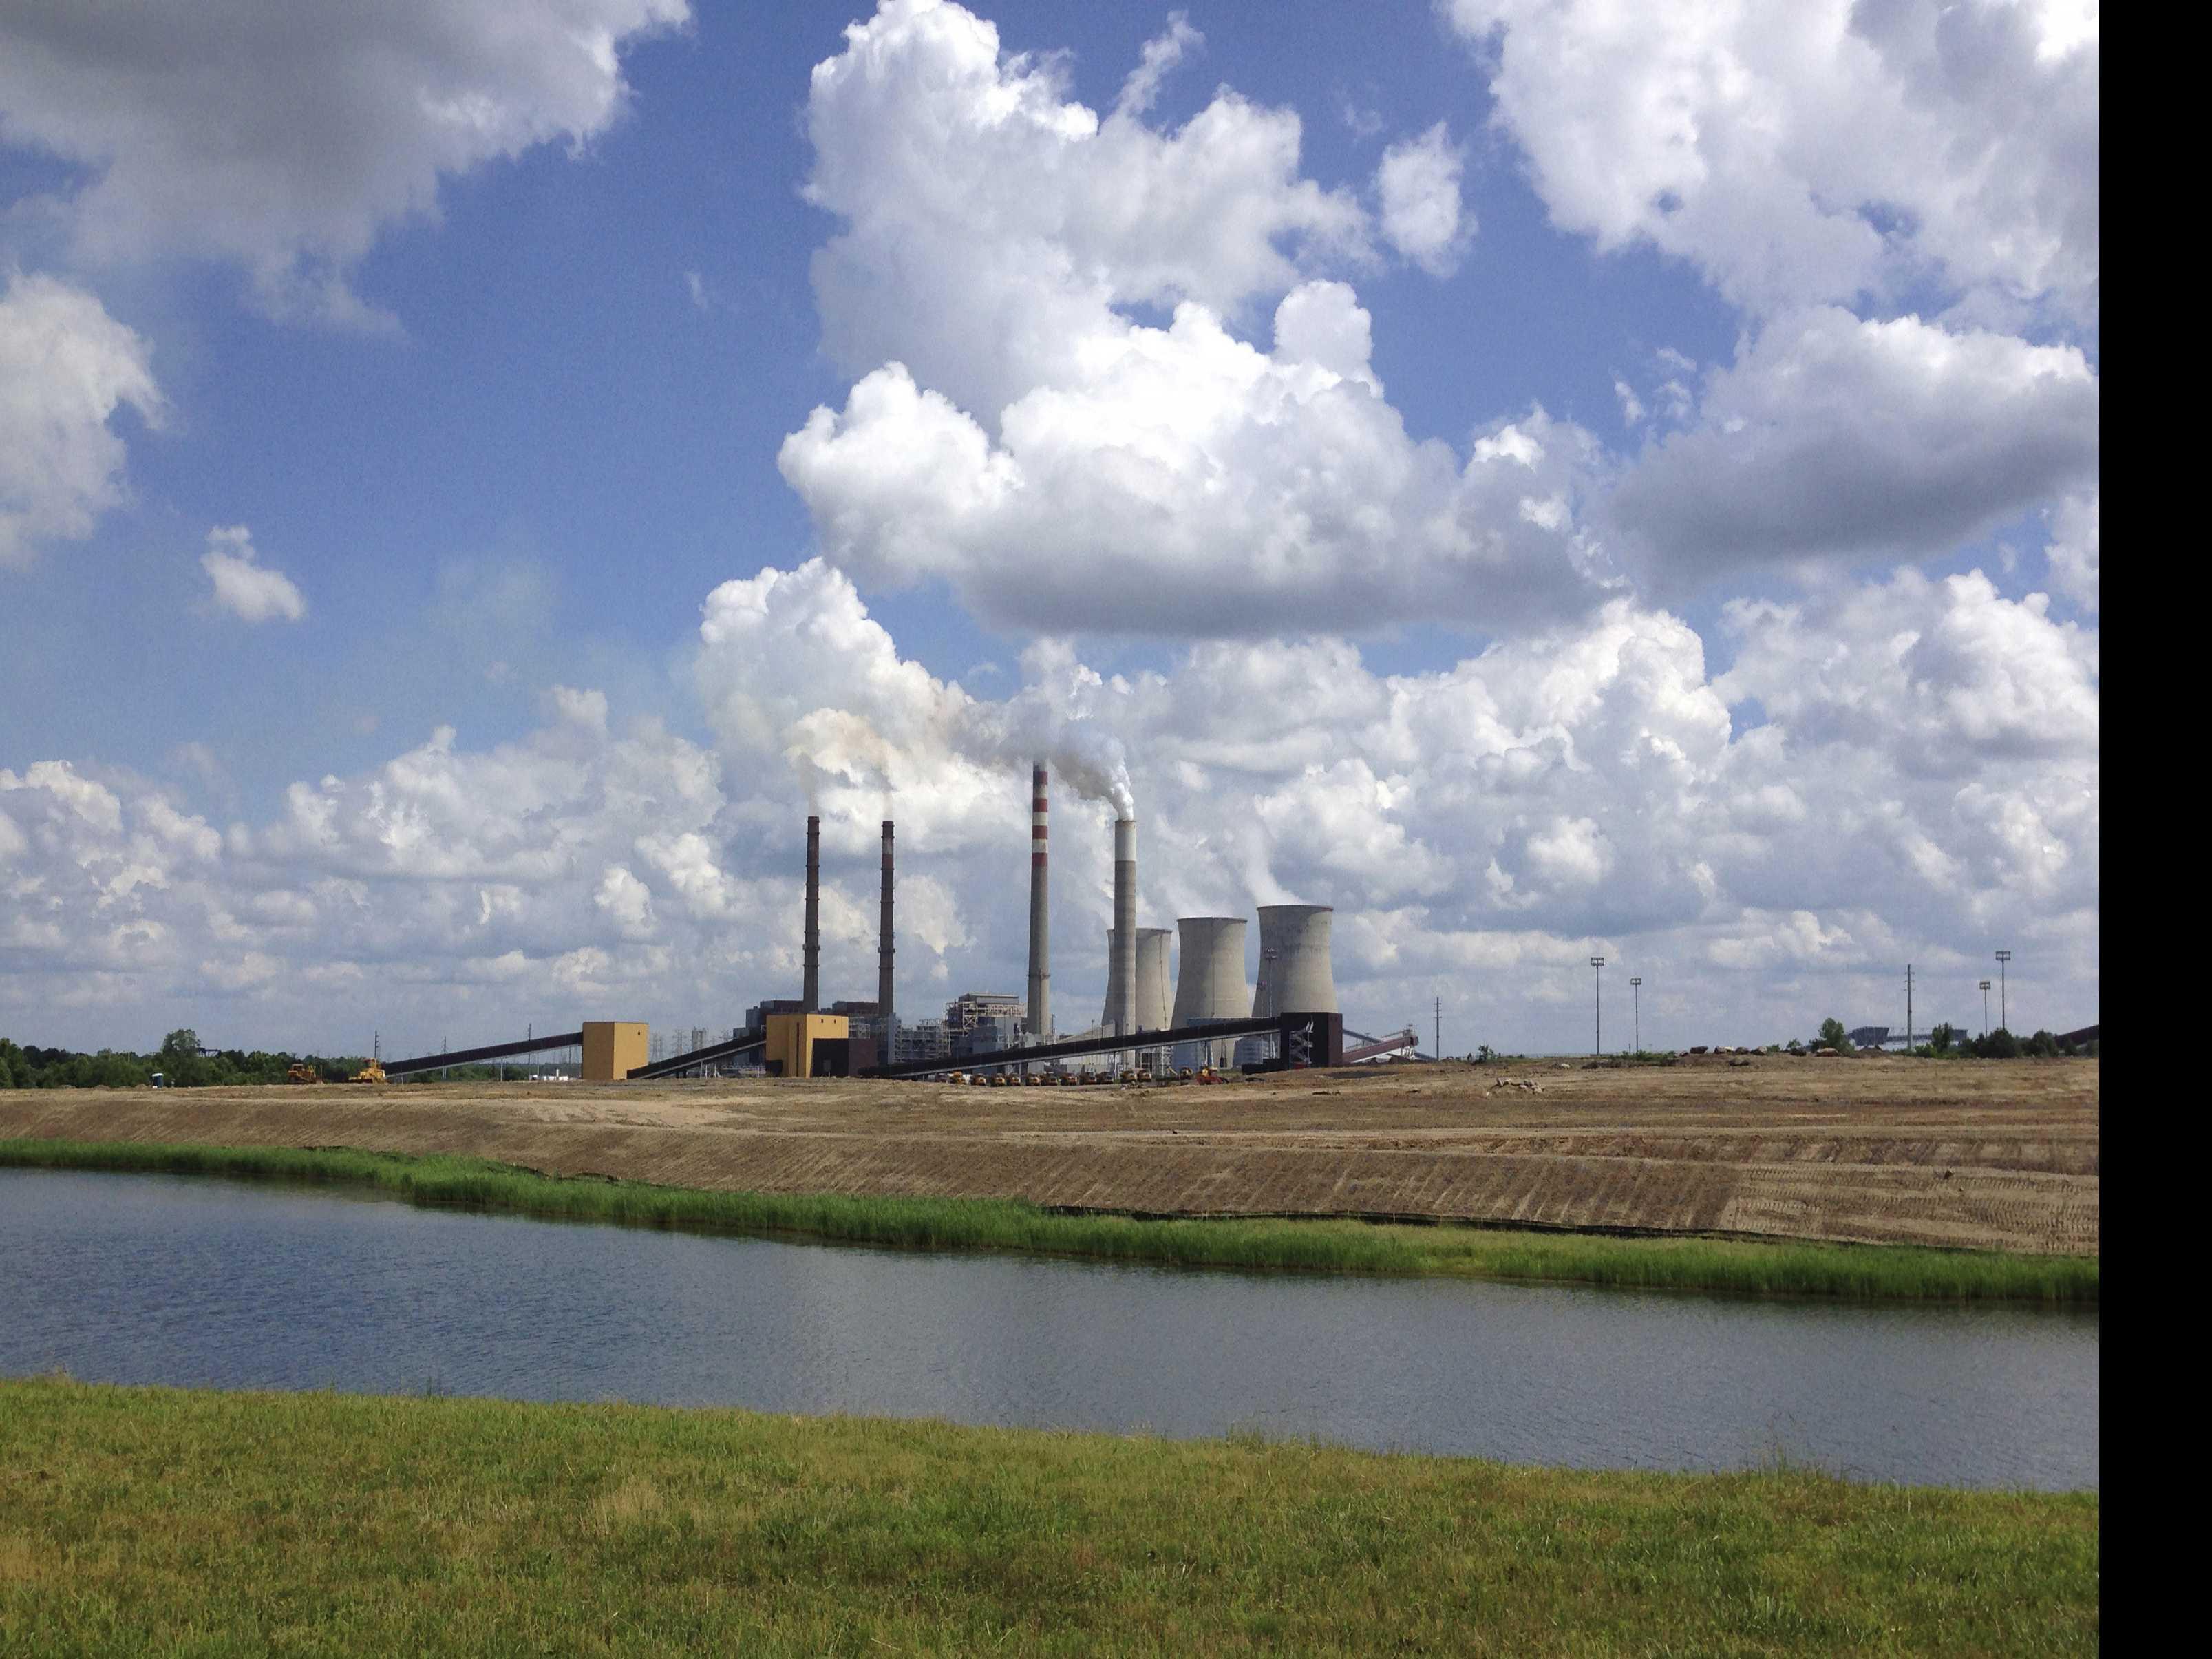 Trump-Dominated Board to Close Coal Plant, Despite His Plea